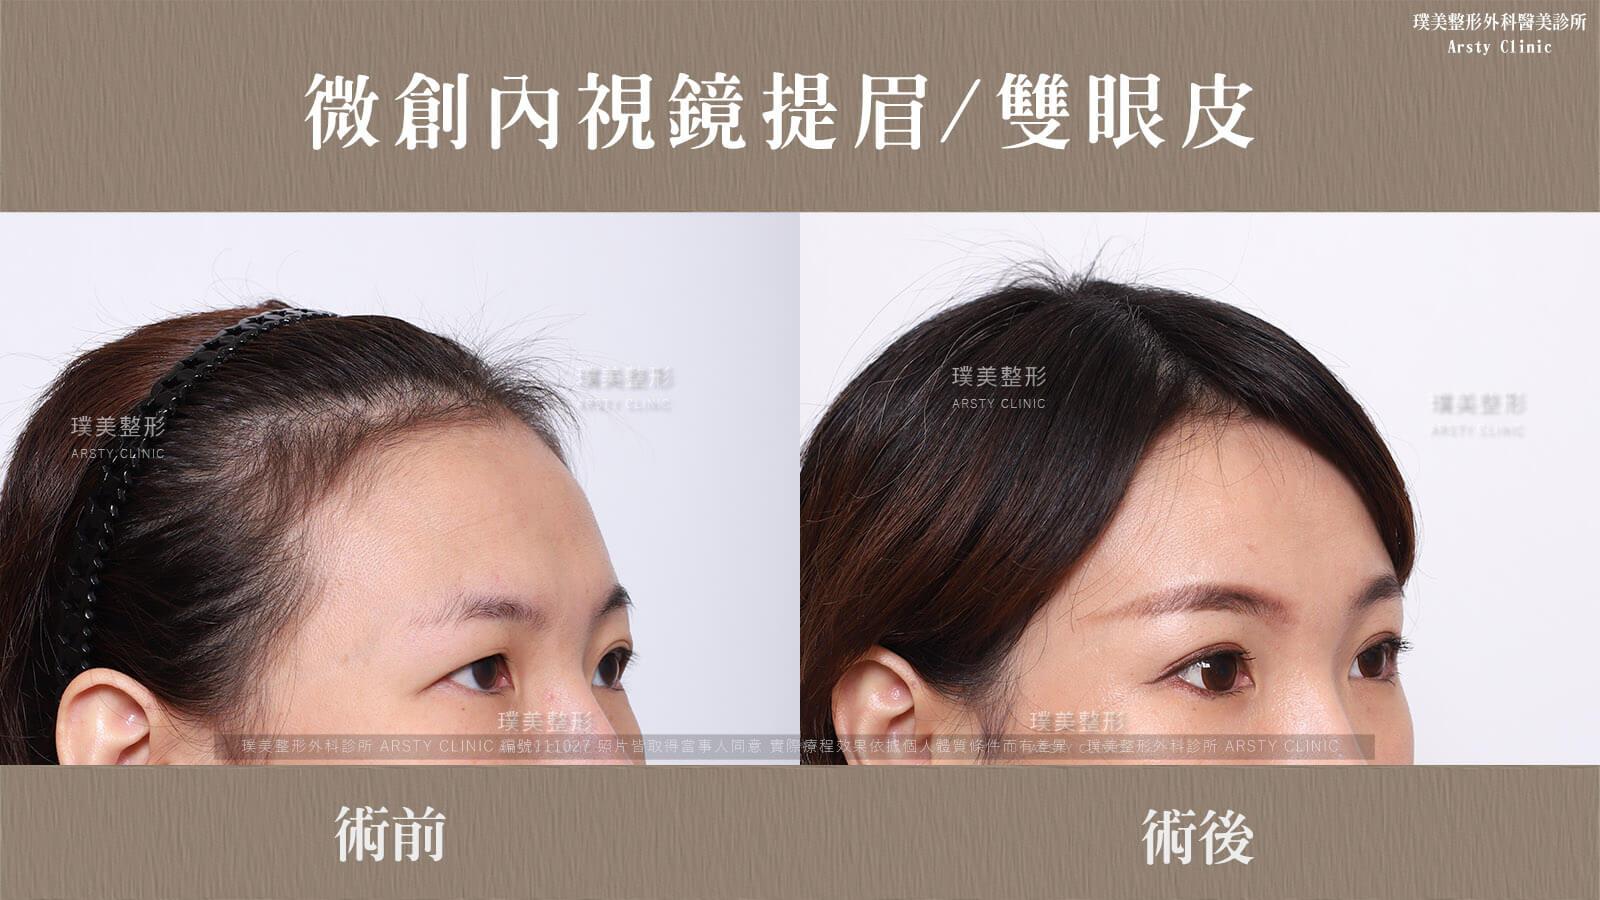 內視鏡提眉上半臉拉皮+縫雙眼皮手術